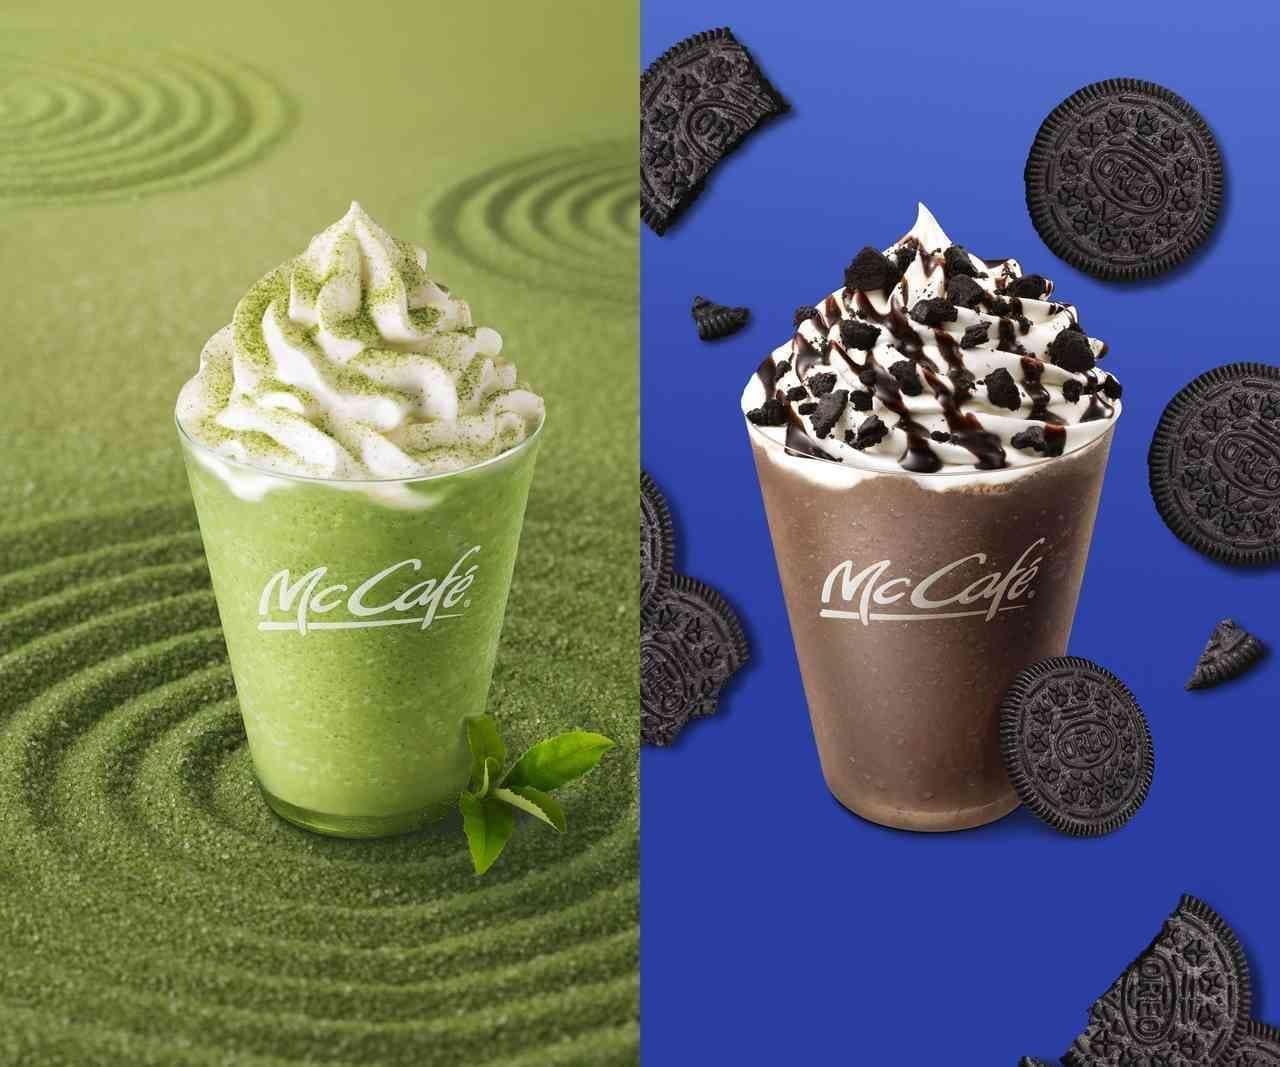 マックカフェ「オレオクッキー チョコフラッペ」